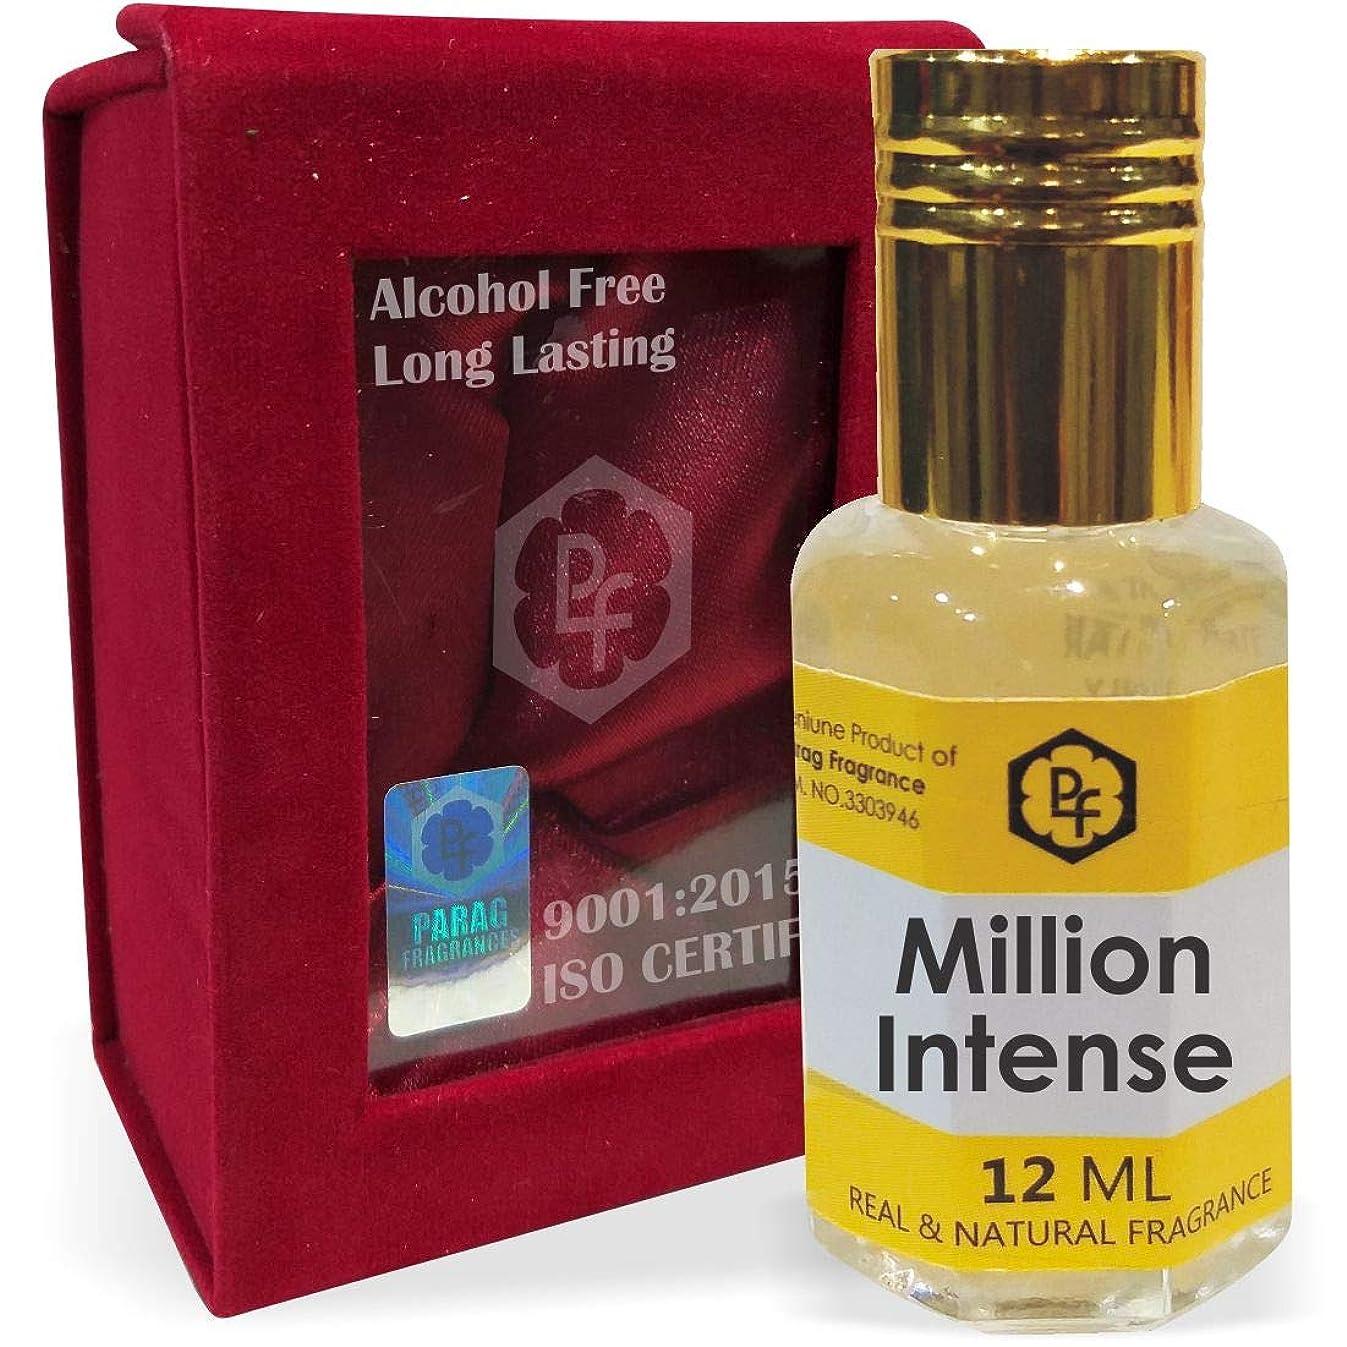 ご覧ください王位クラスParagフレグランス百万手作りベルベットボックスとの激しい12ミリリットルアター/香水(インドの伝統的なBhapka処理方法により、インド製)オイル/フレグランスオイル|長持ちアターITRA最高の品質